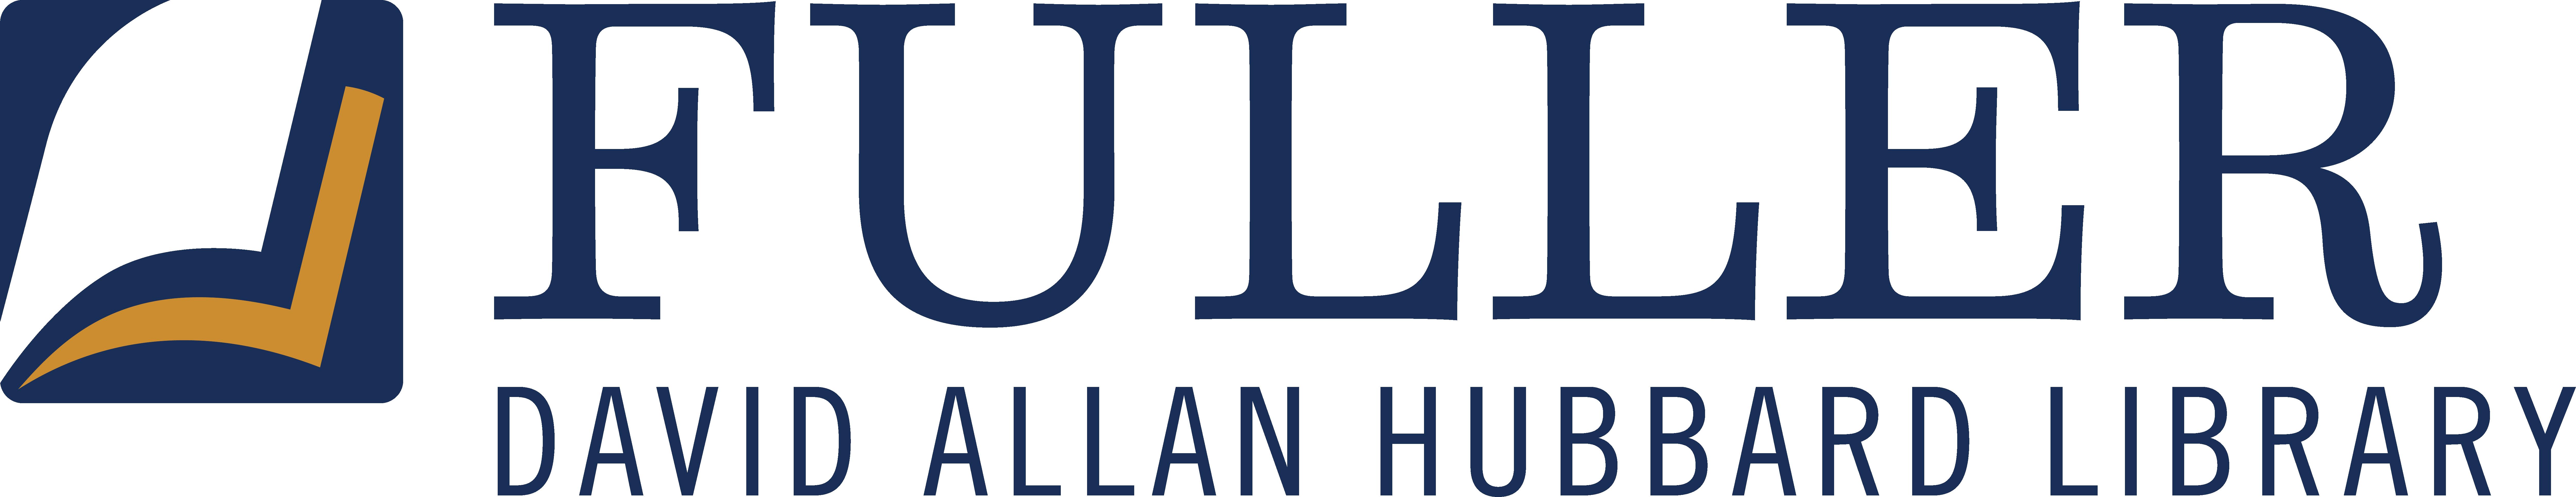 Fuller: David Allan Hubbard Library